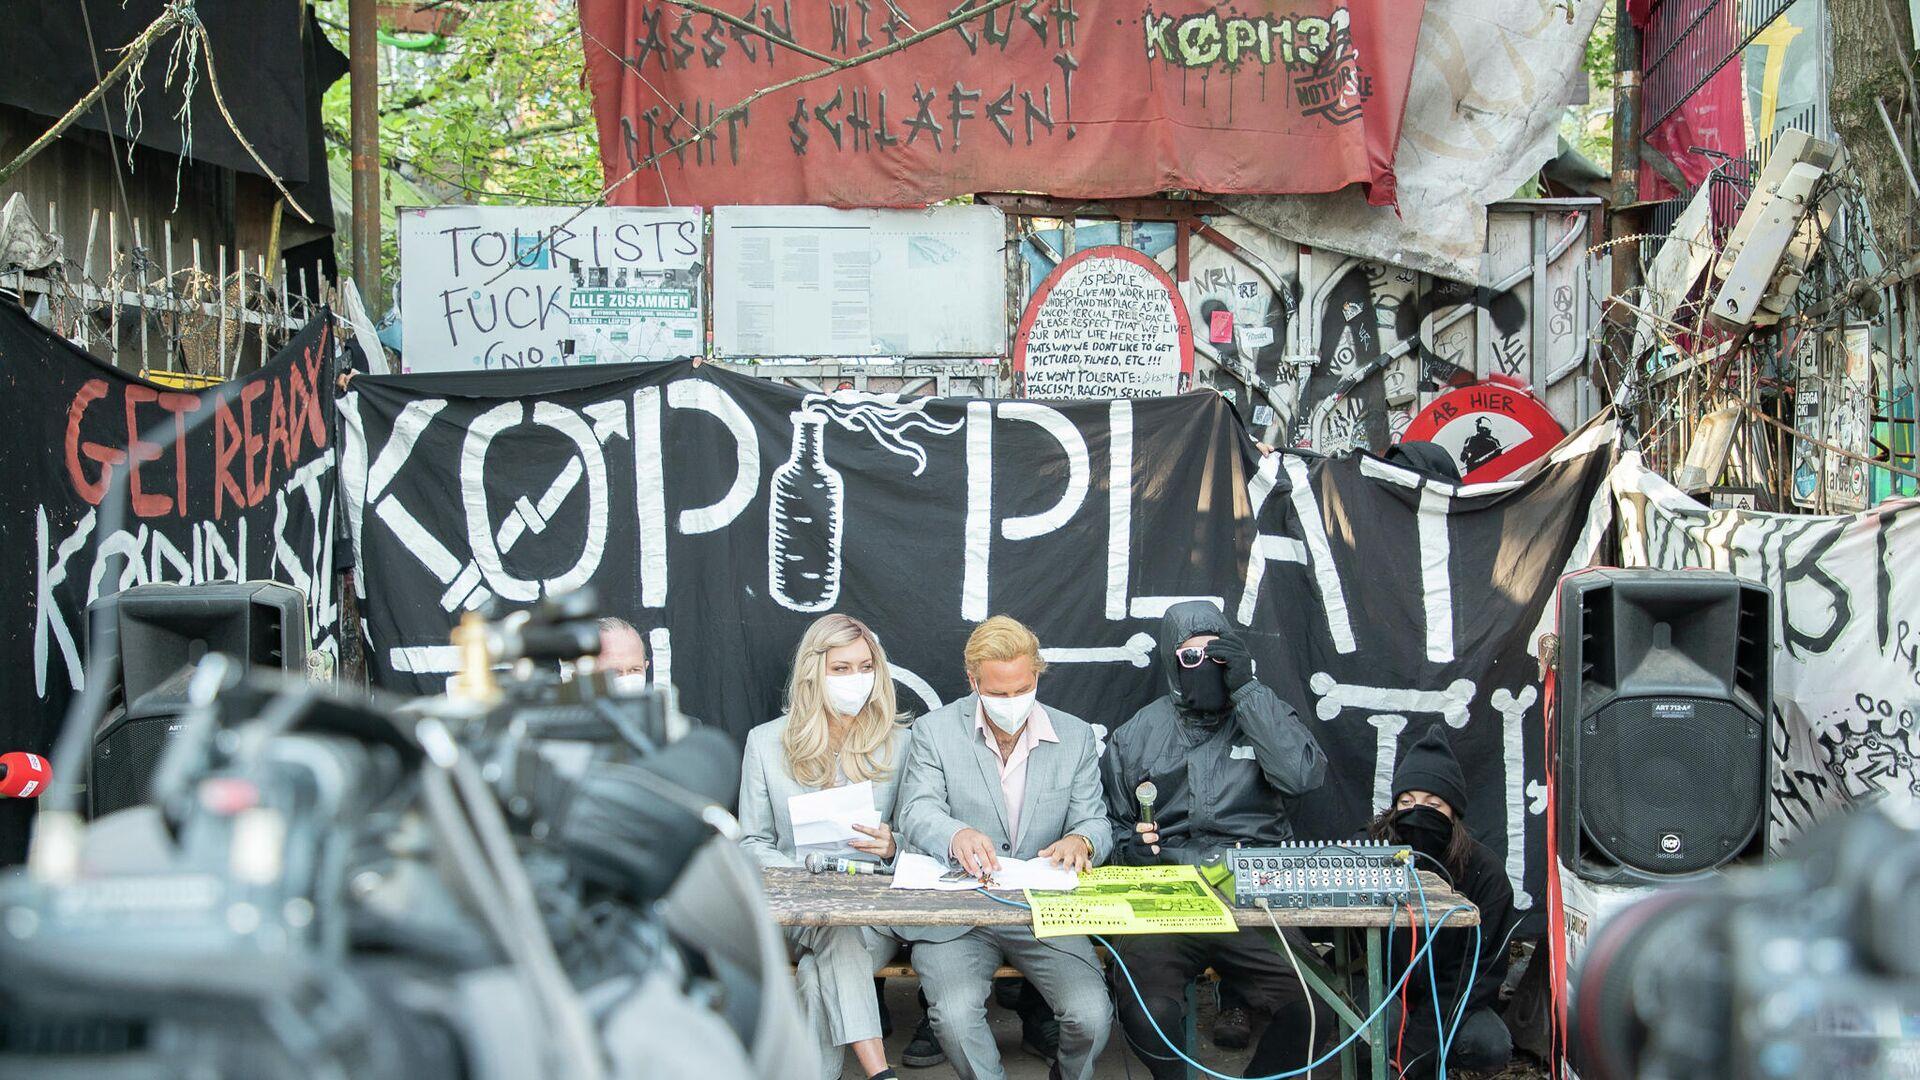 Vertreter des autonomen Wohnprojektes Köpi 137 in Berlin am 8. Oktober 2021 bei einer Pressekonferenz anlässlich der angedrohten Räumung  - SNA, 1920, 08.10.2021